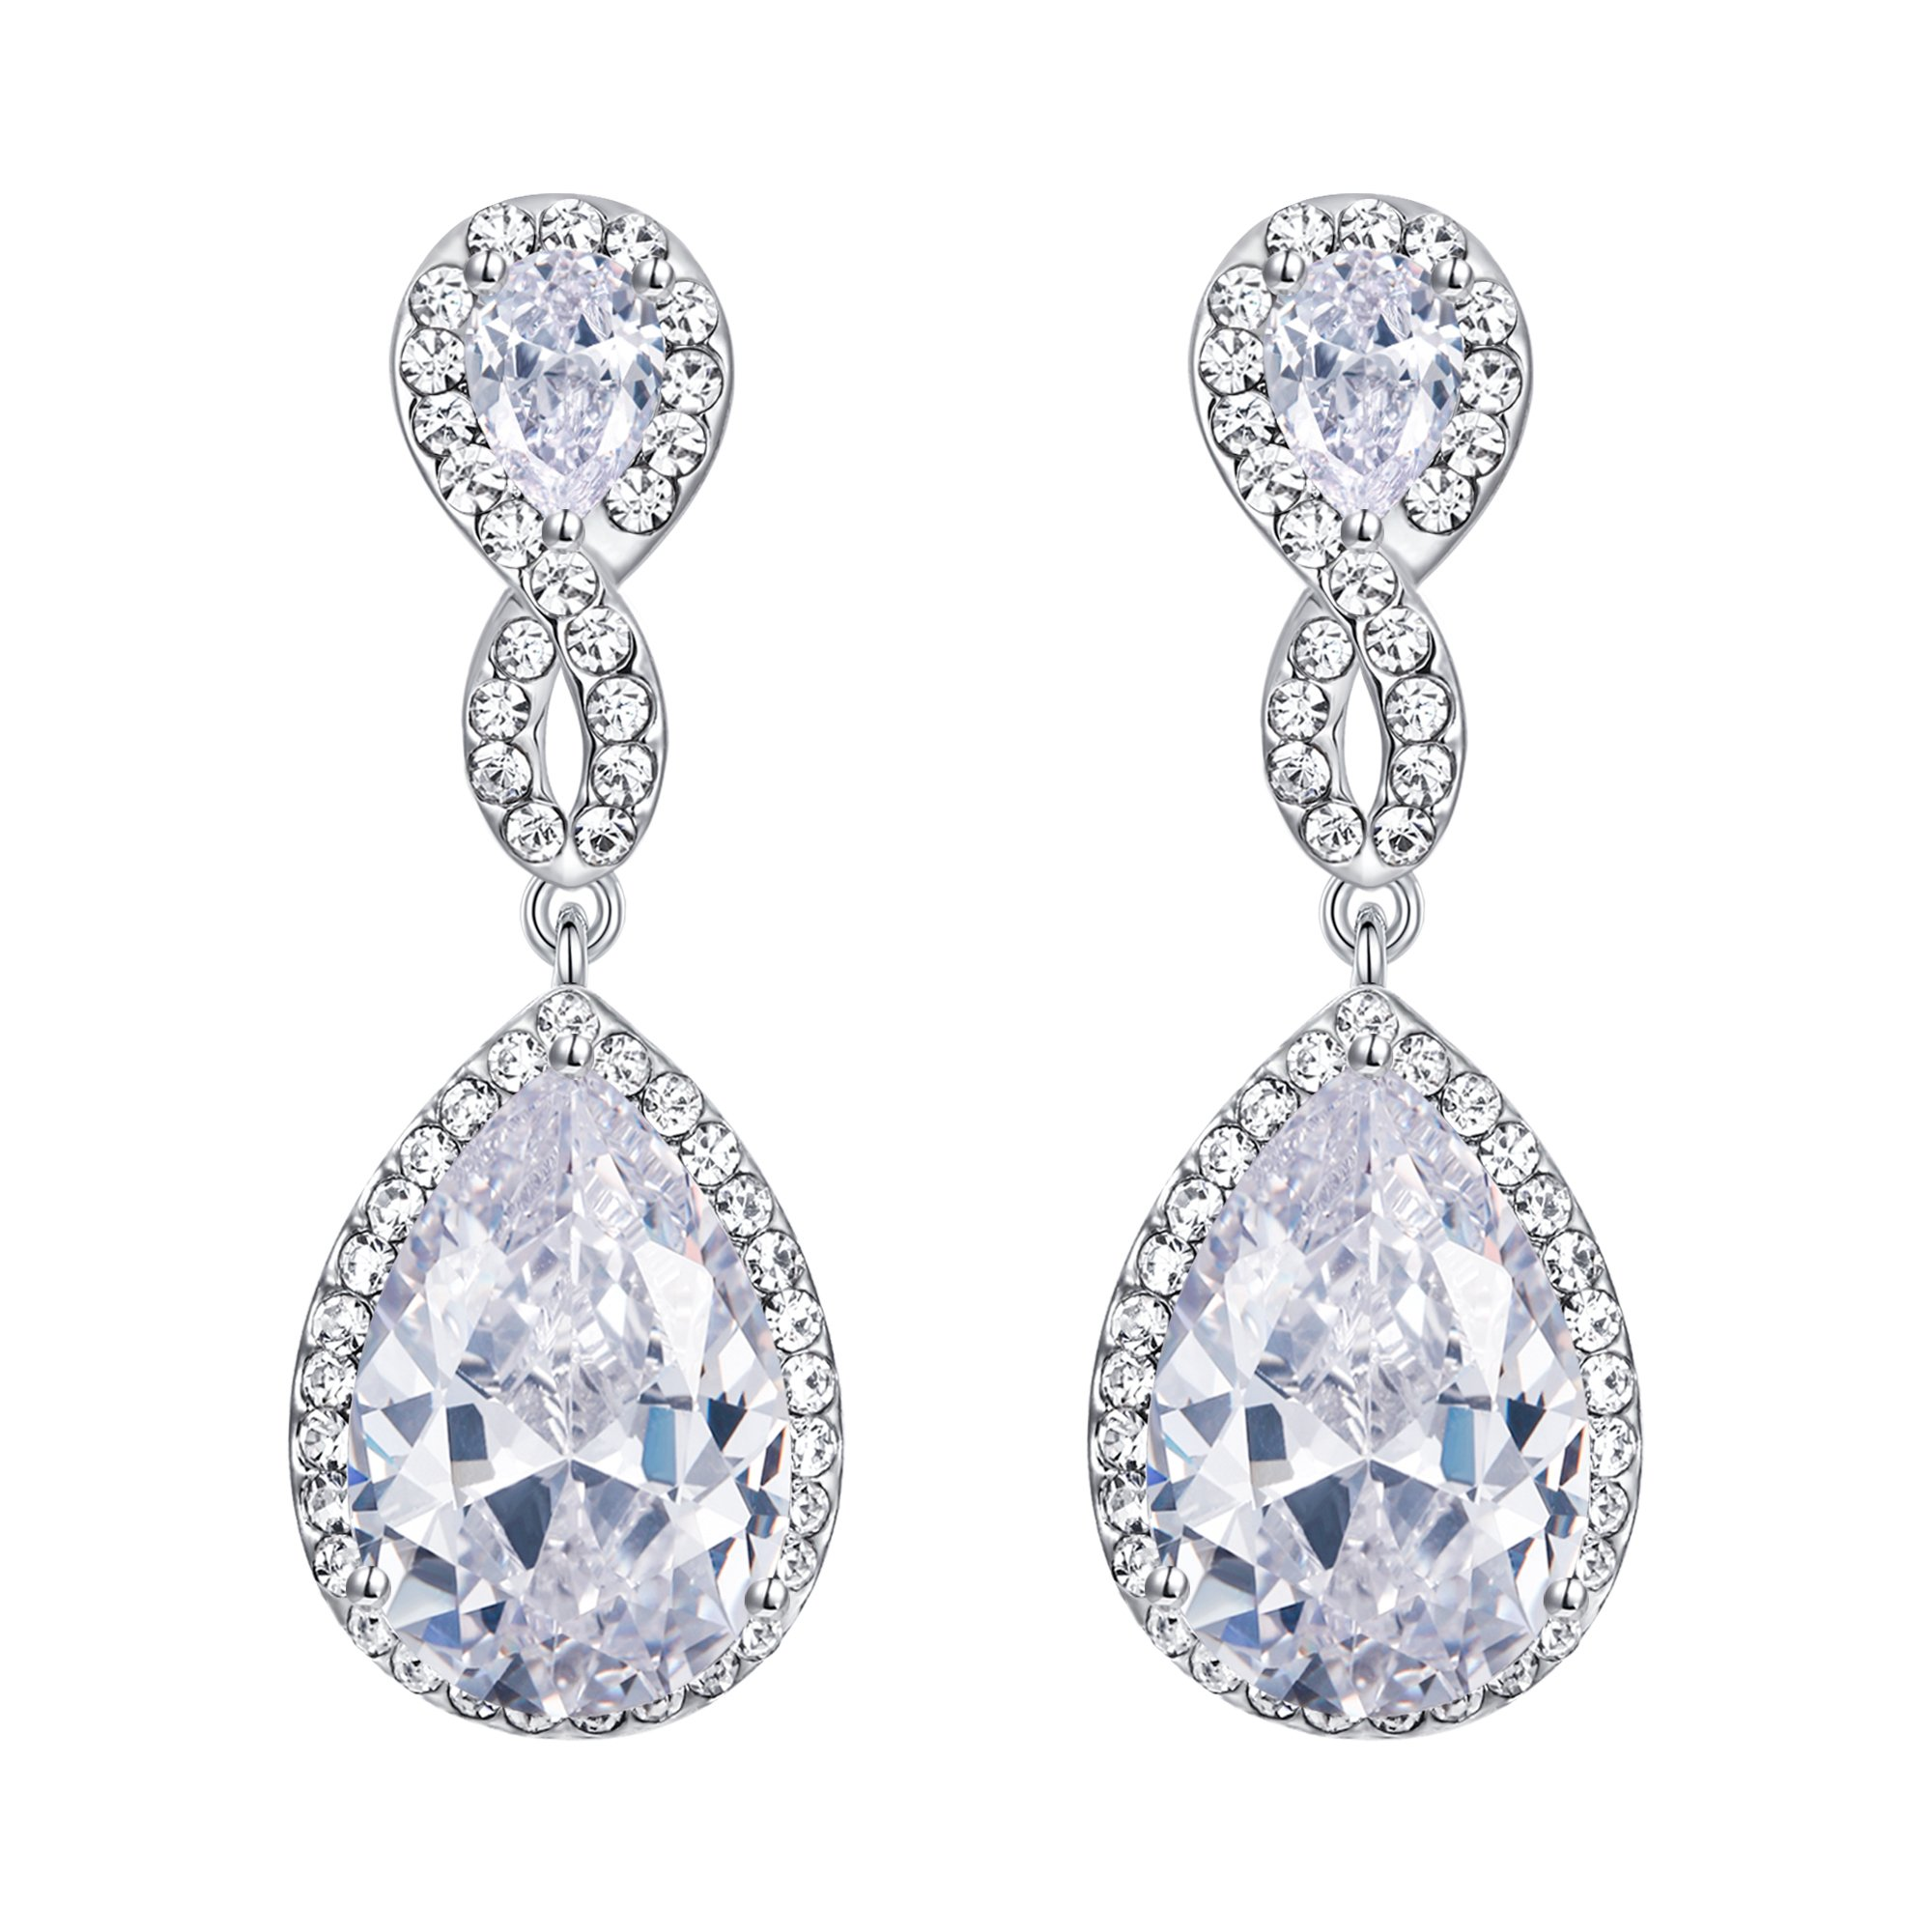 EVER FAITH Zircon Austrian Crystal Wedding 8-Shape Clip-on Dangle Earrings Clear Silver-Tone